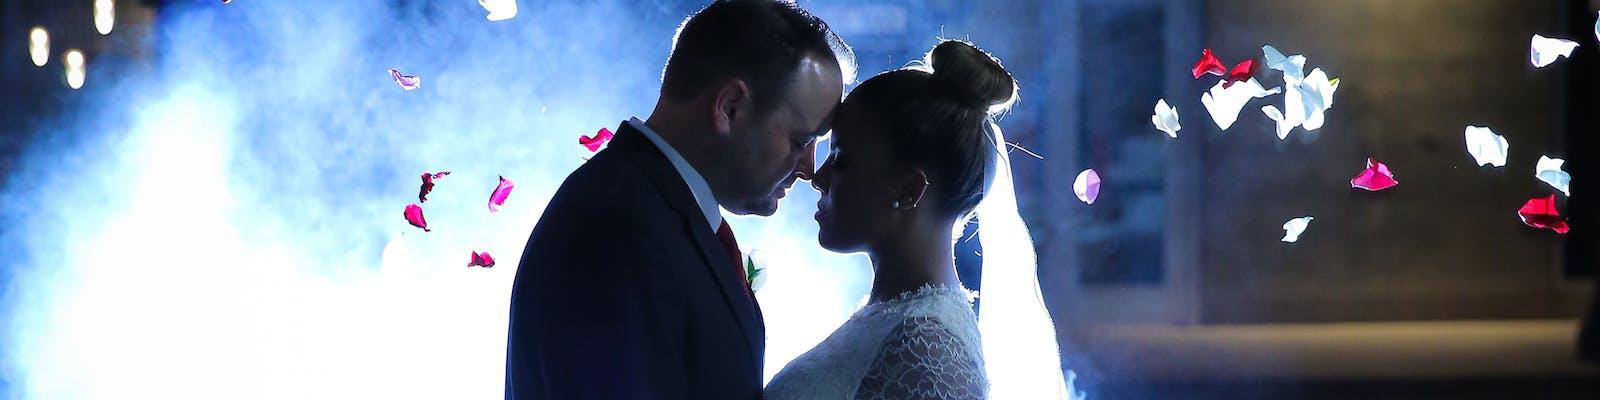 Royal wedding in las vegas